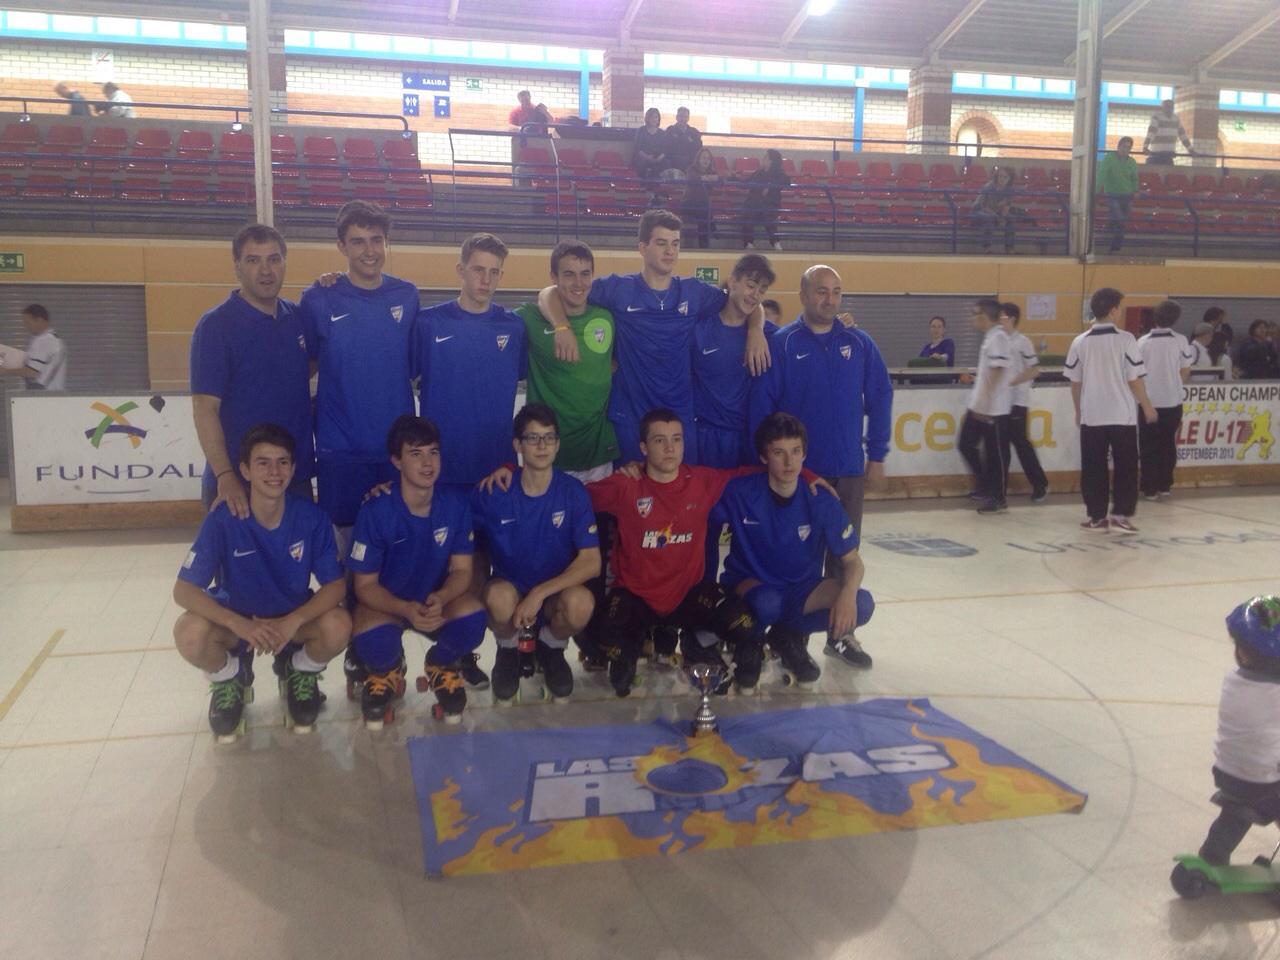 El equipo Infantil del C.P. Las Rozas disputará el campeonato de España